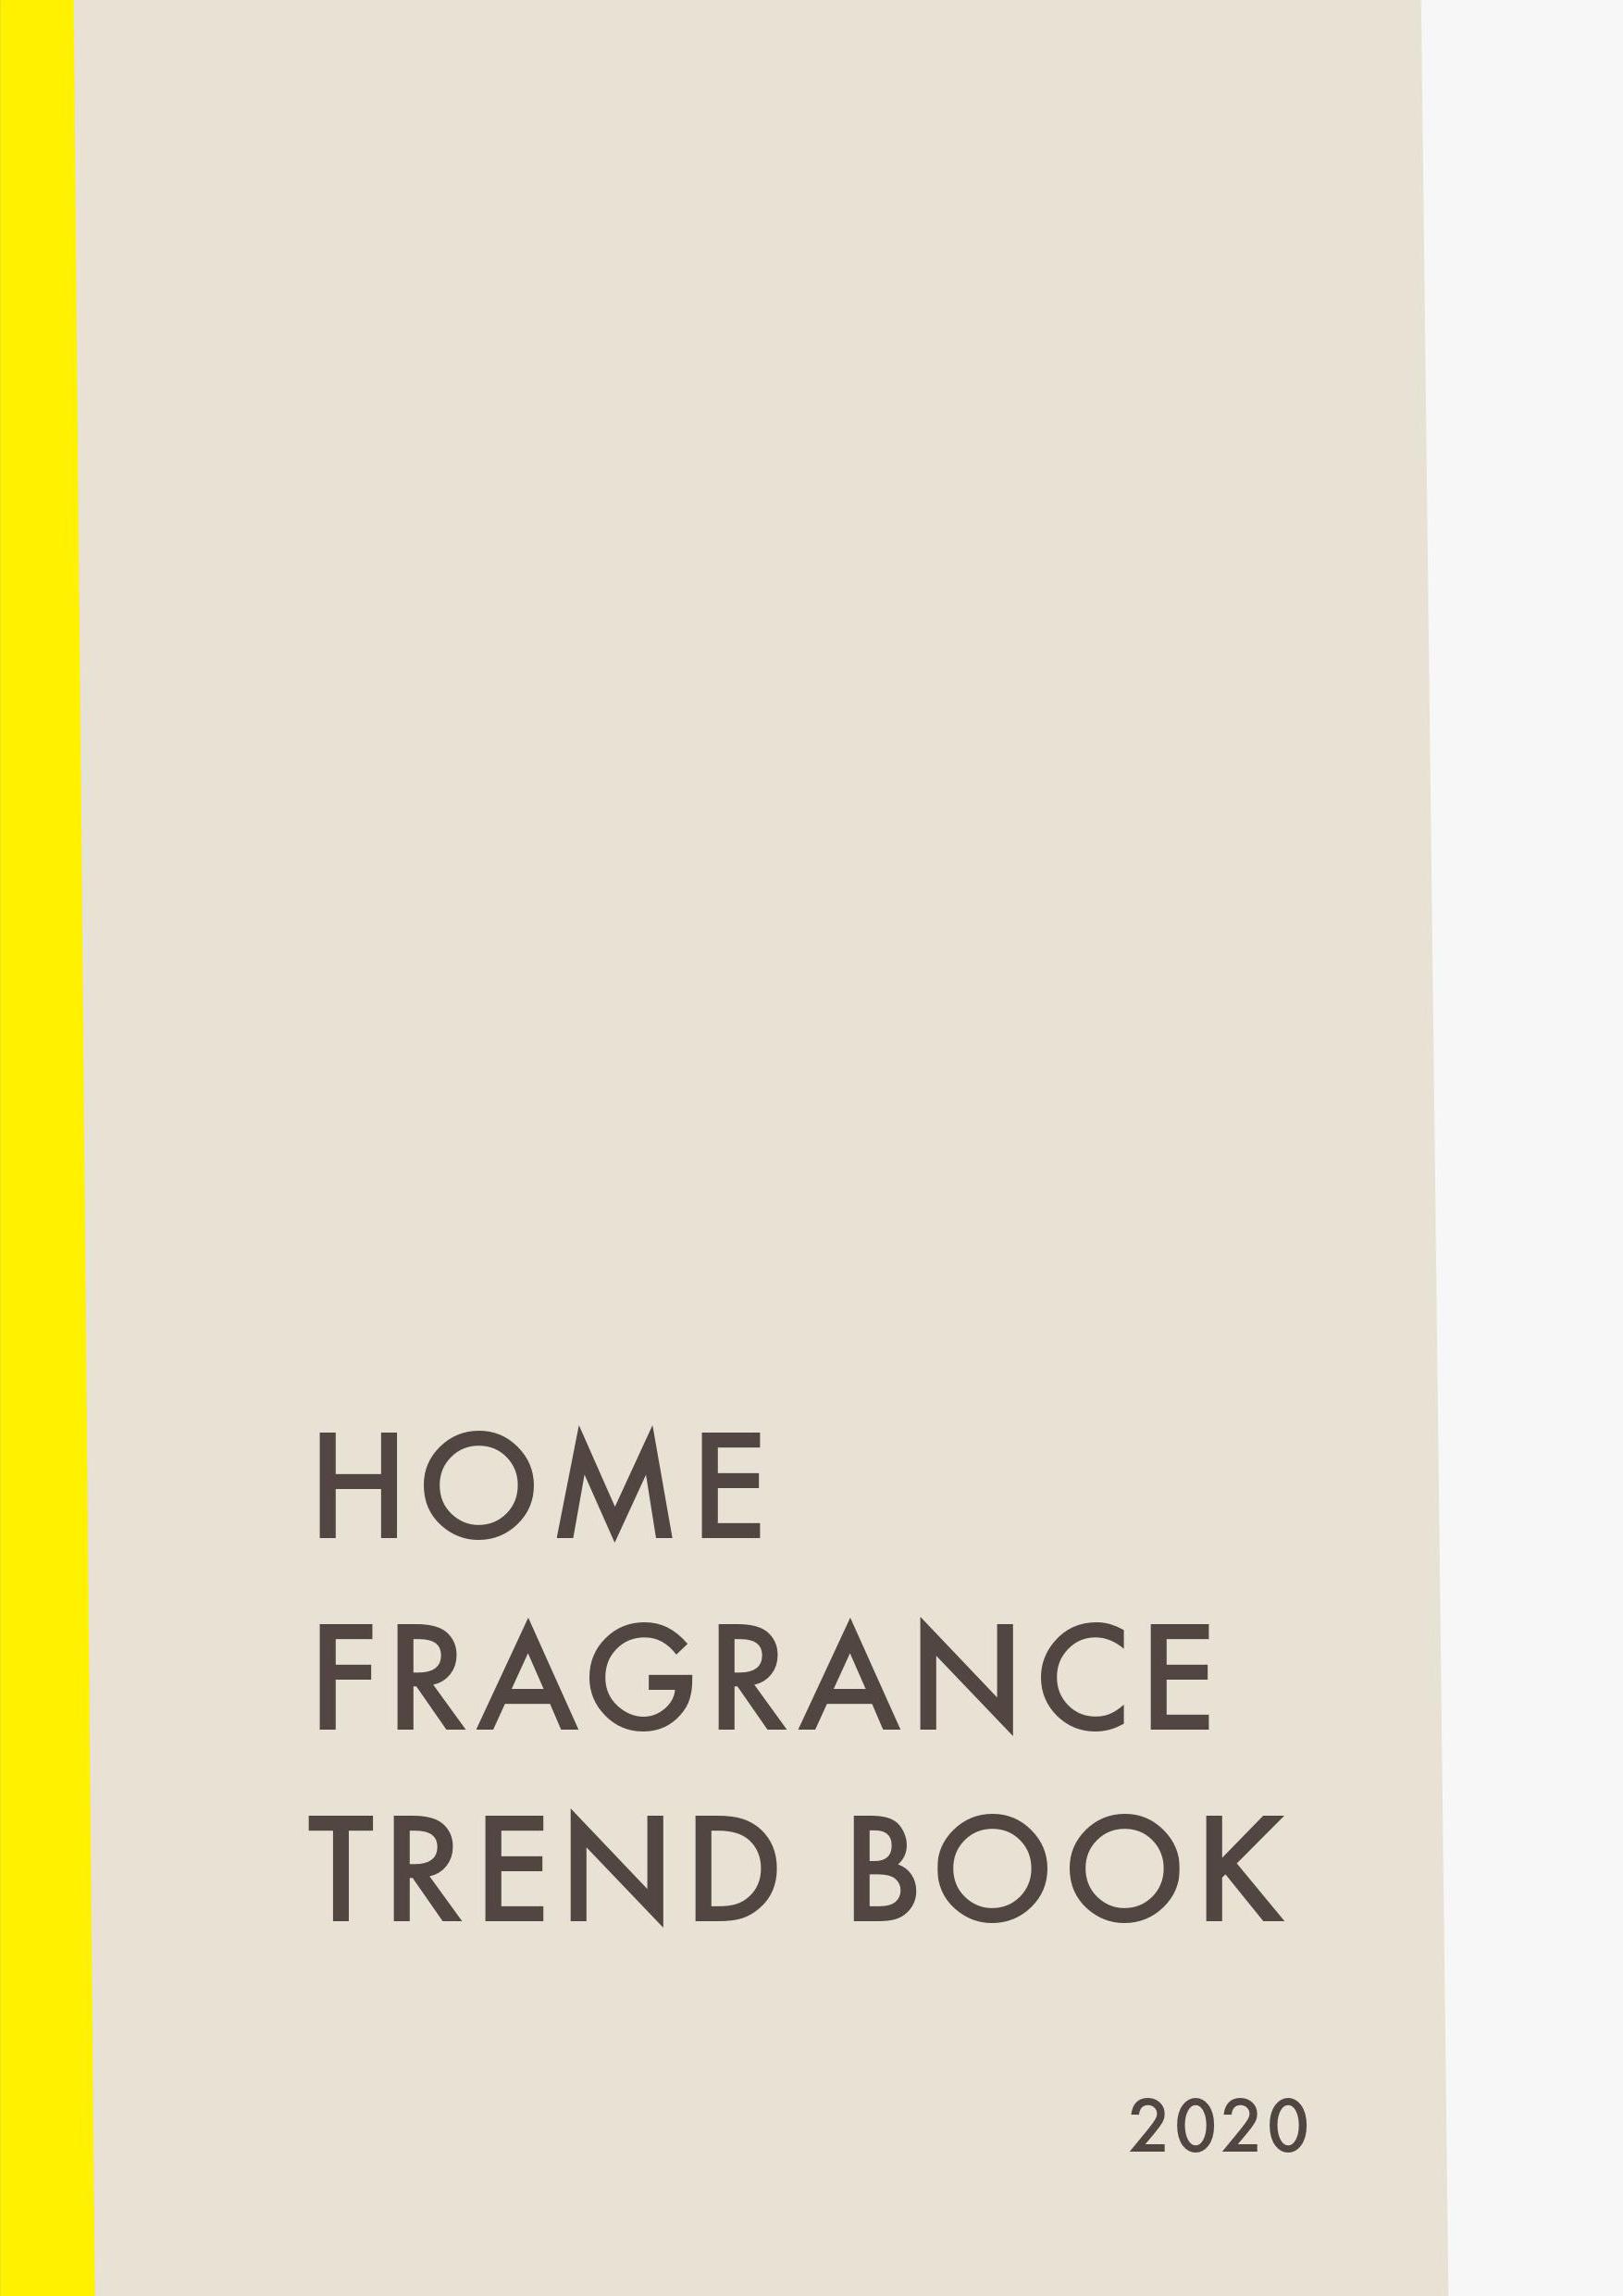 <お知らせ>HOME FRAGRANCE TREND BOOK 2020発表しました